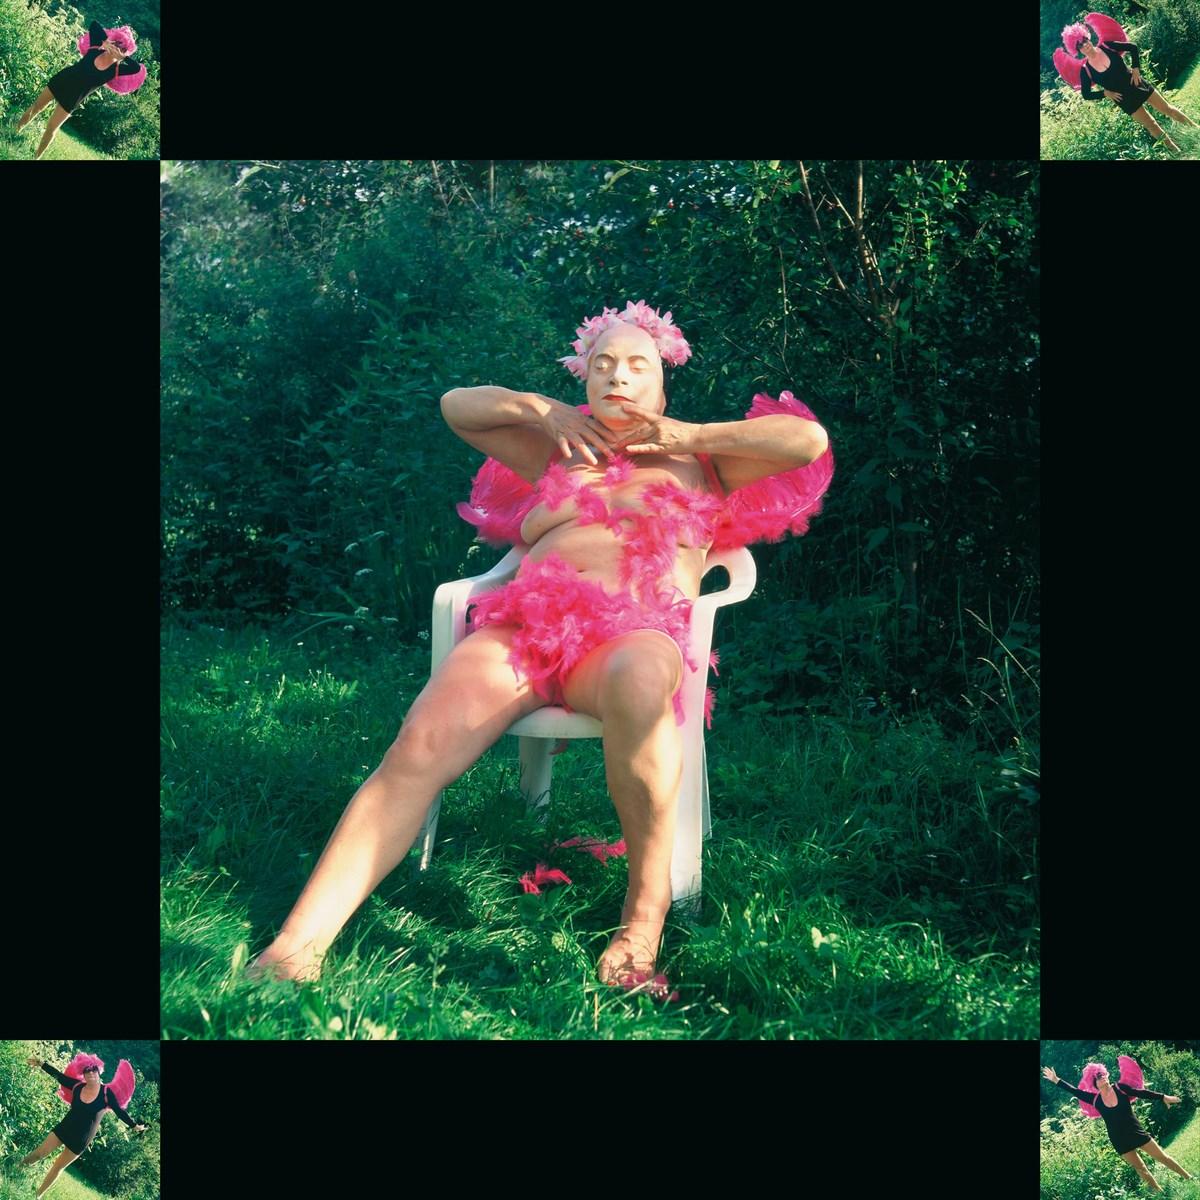 """Natalia LL, """"Chichot Odyna"""", 2009, 2 fotografie barwne, 100 x 100 cm oraz wideo. Dzięki uprzejmości artystki (źródło: materiały prasowe organizatora)"""